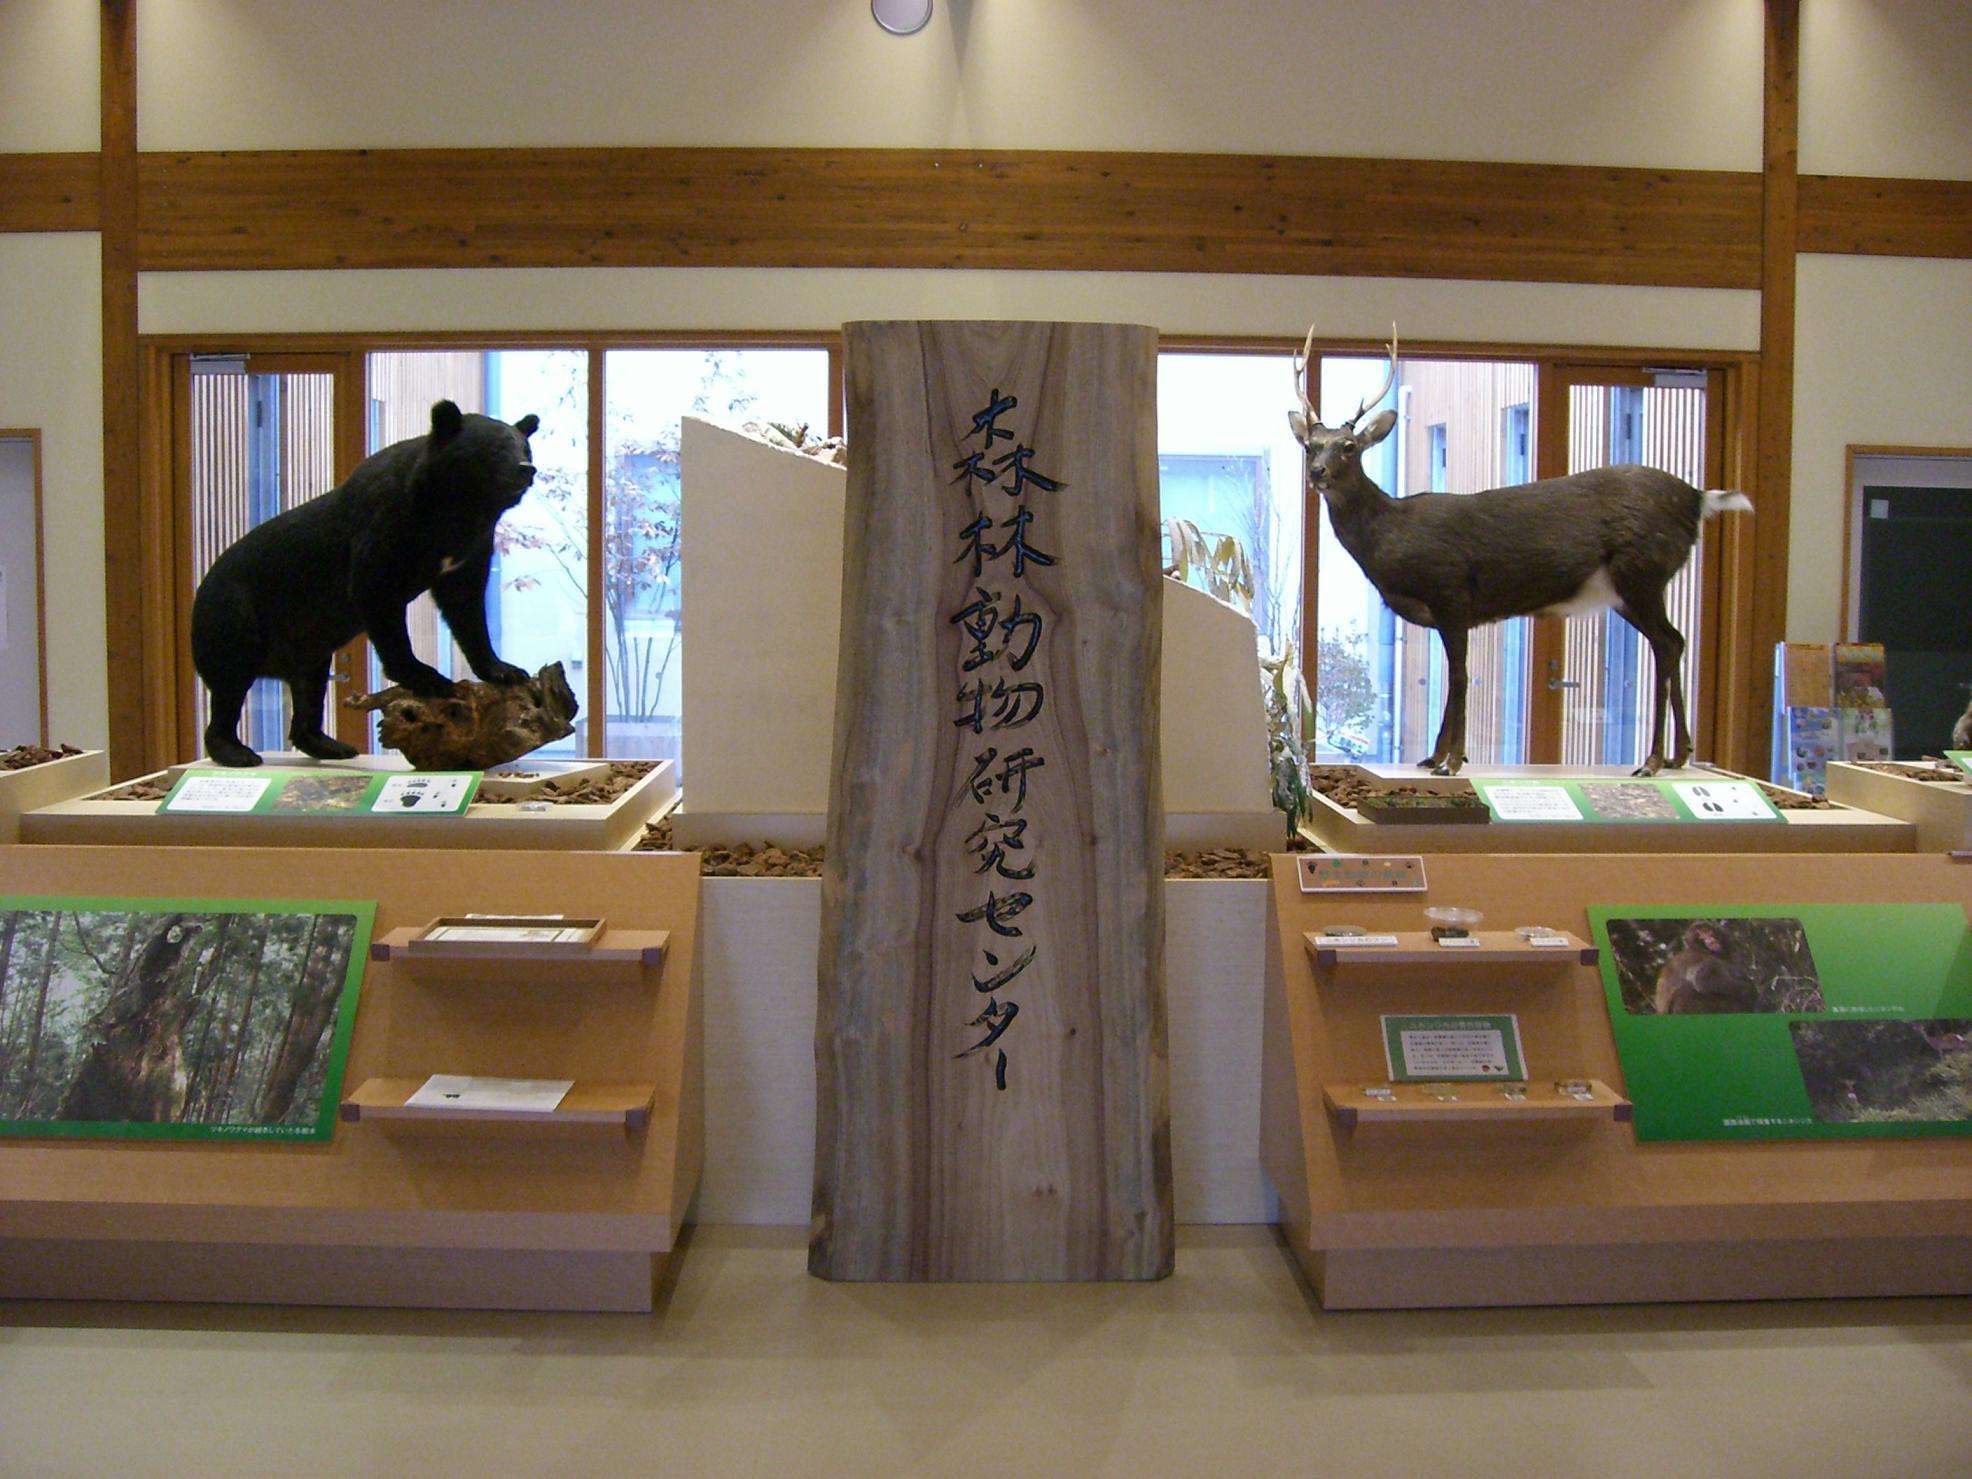 兵庫県森林動物研究センター(1)